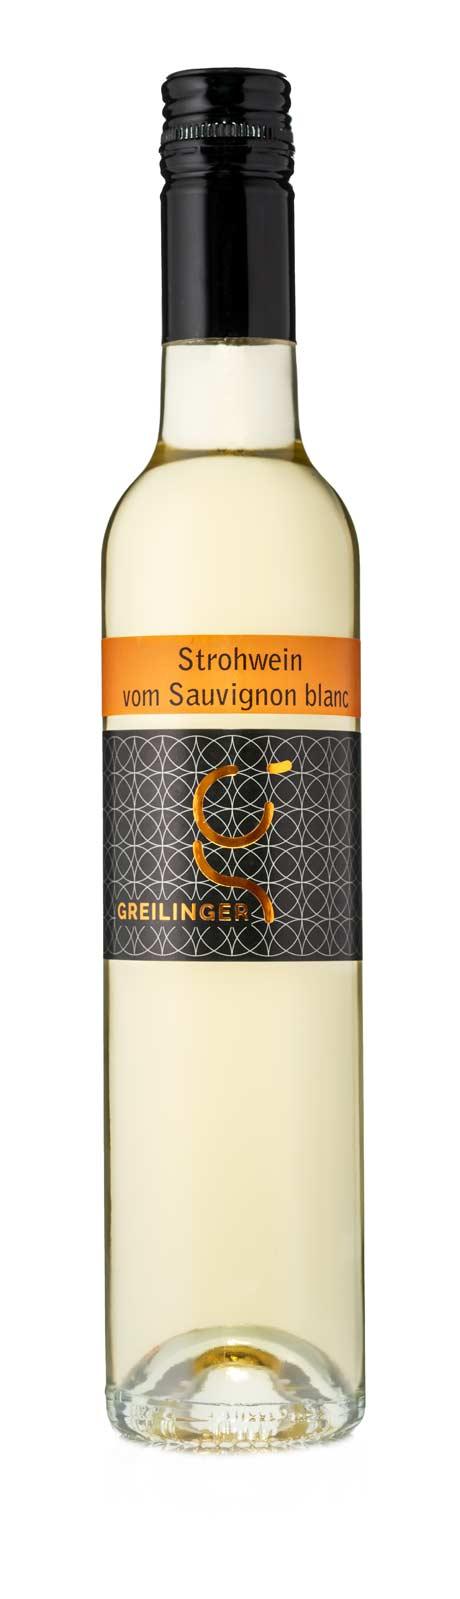 Weingut-Greilinger_Strohwein_web